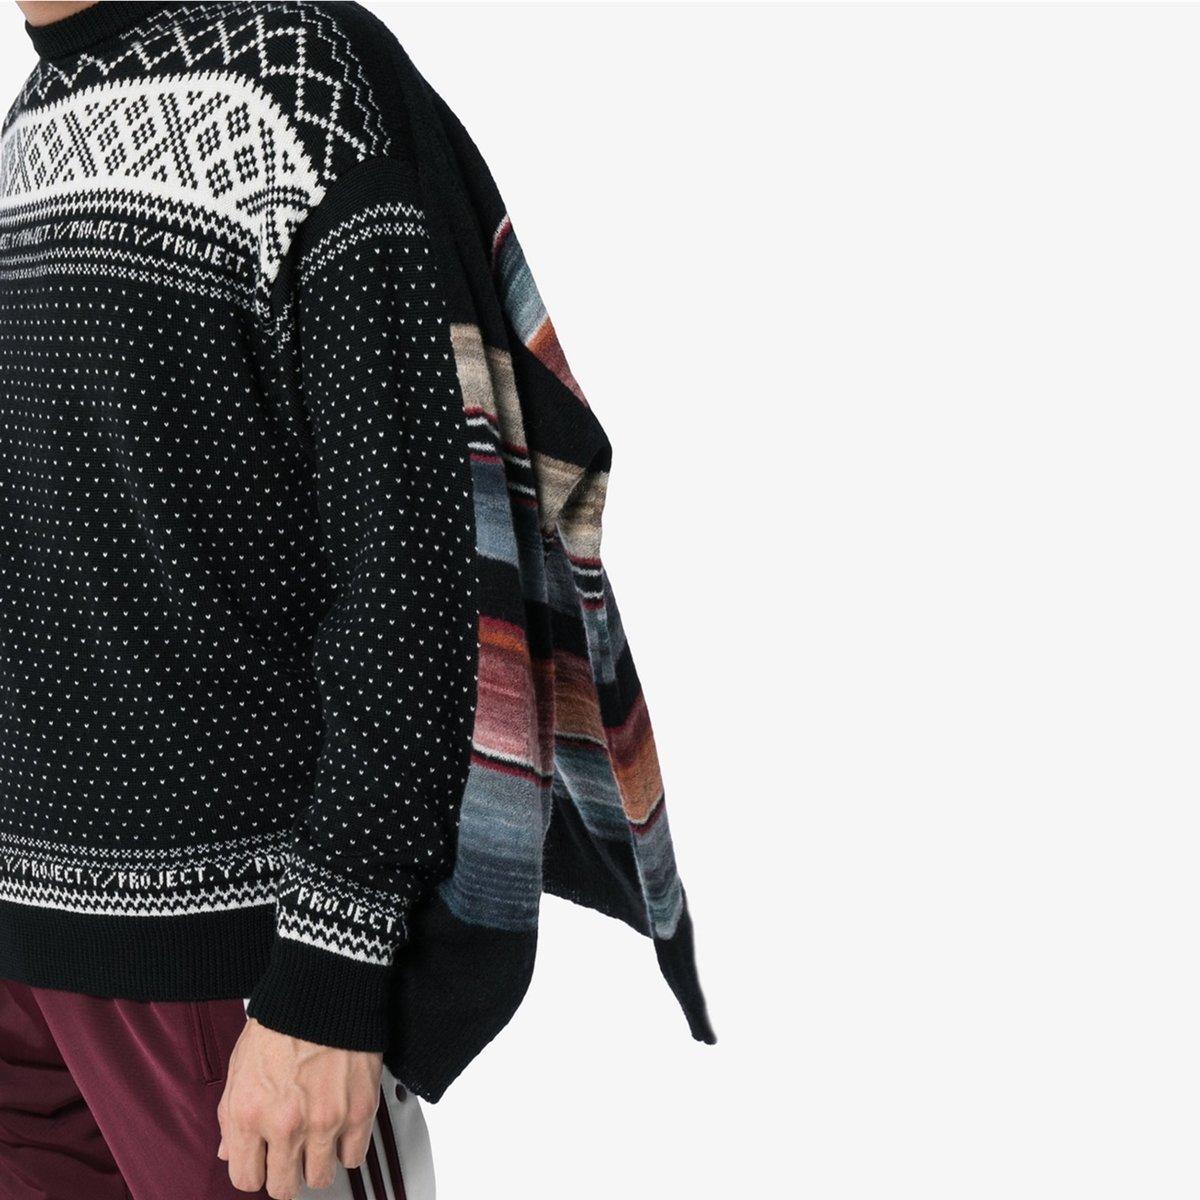 y-project-norwegian-panelled-knit-wool-jumper_13050727_13964901_1920.jpg